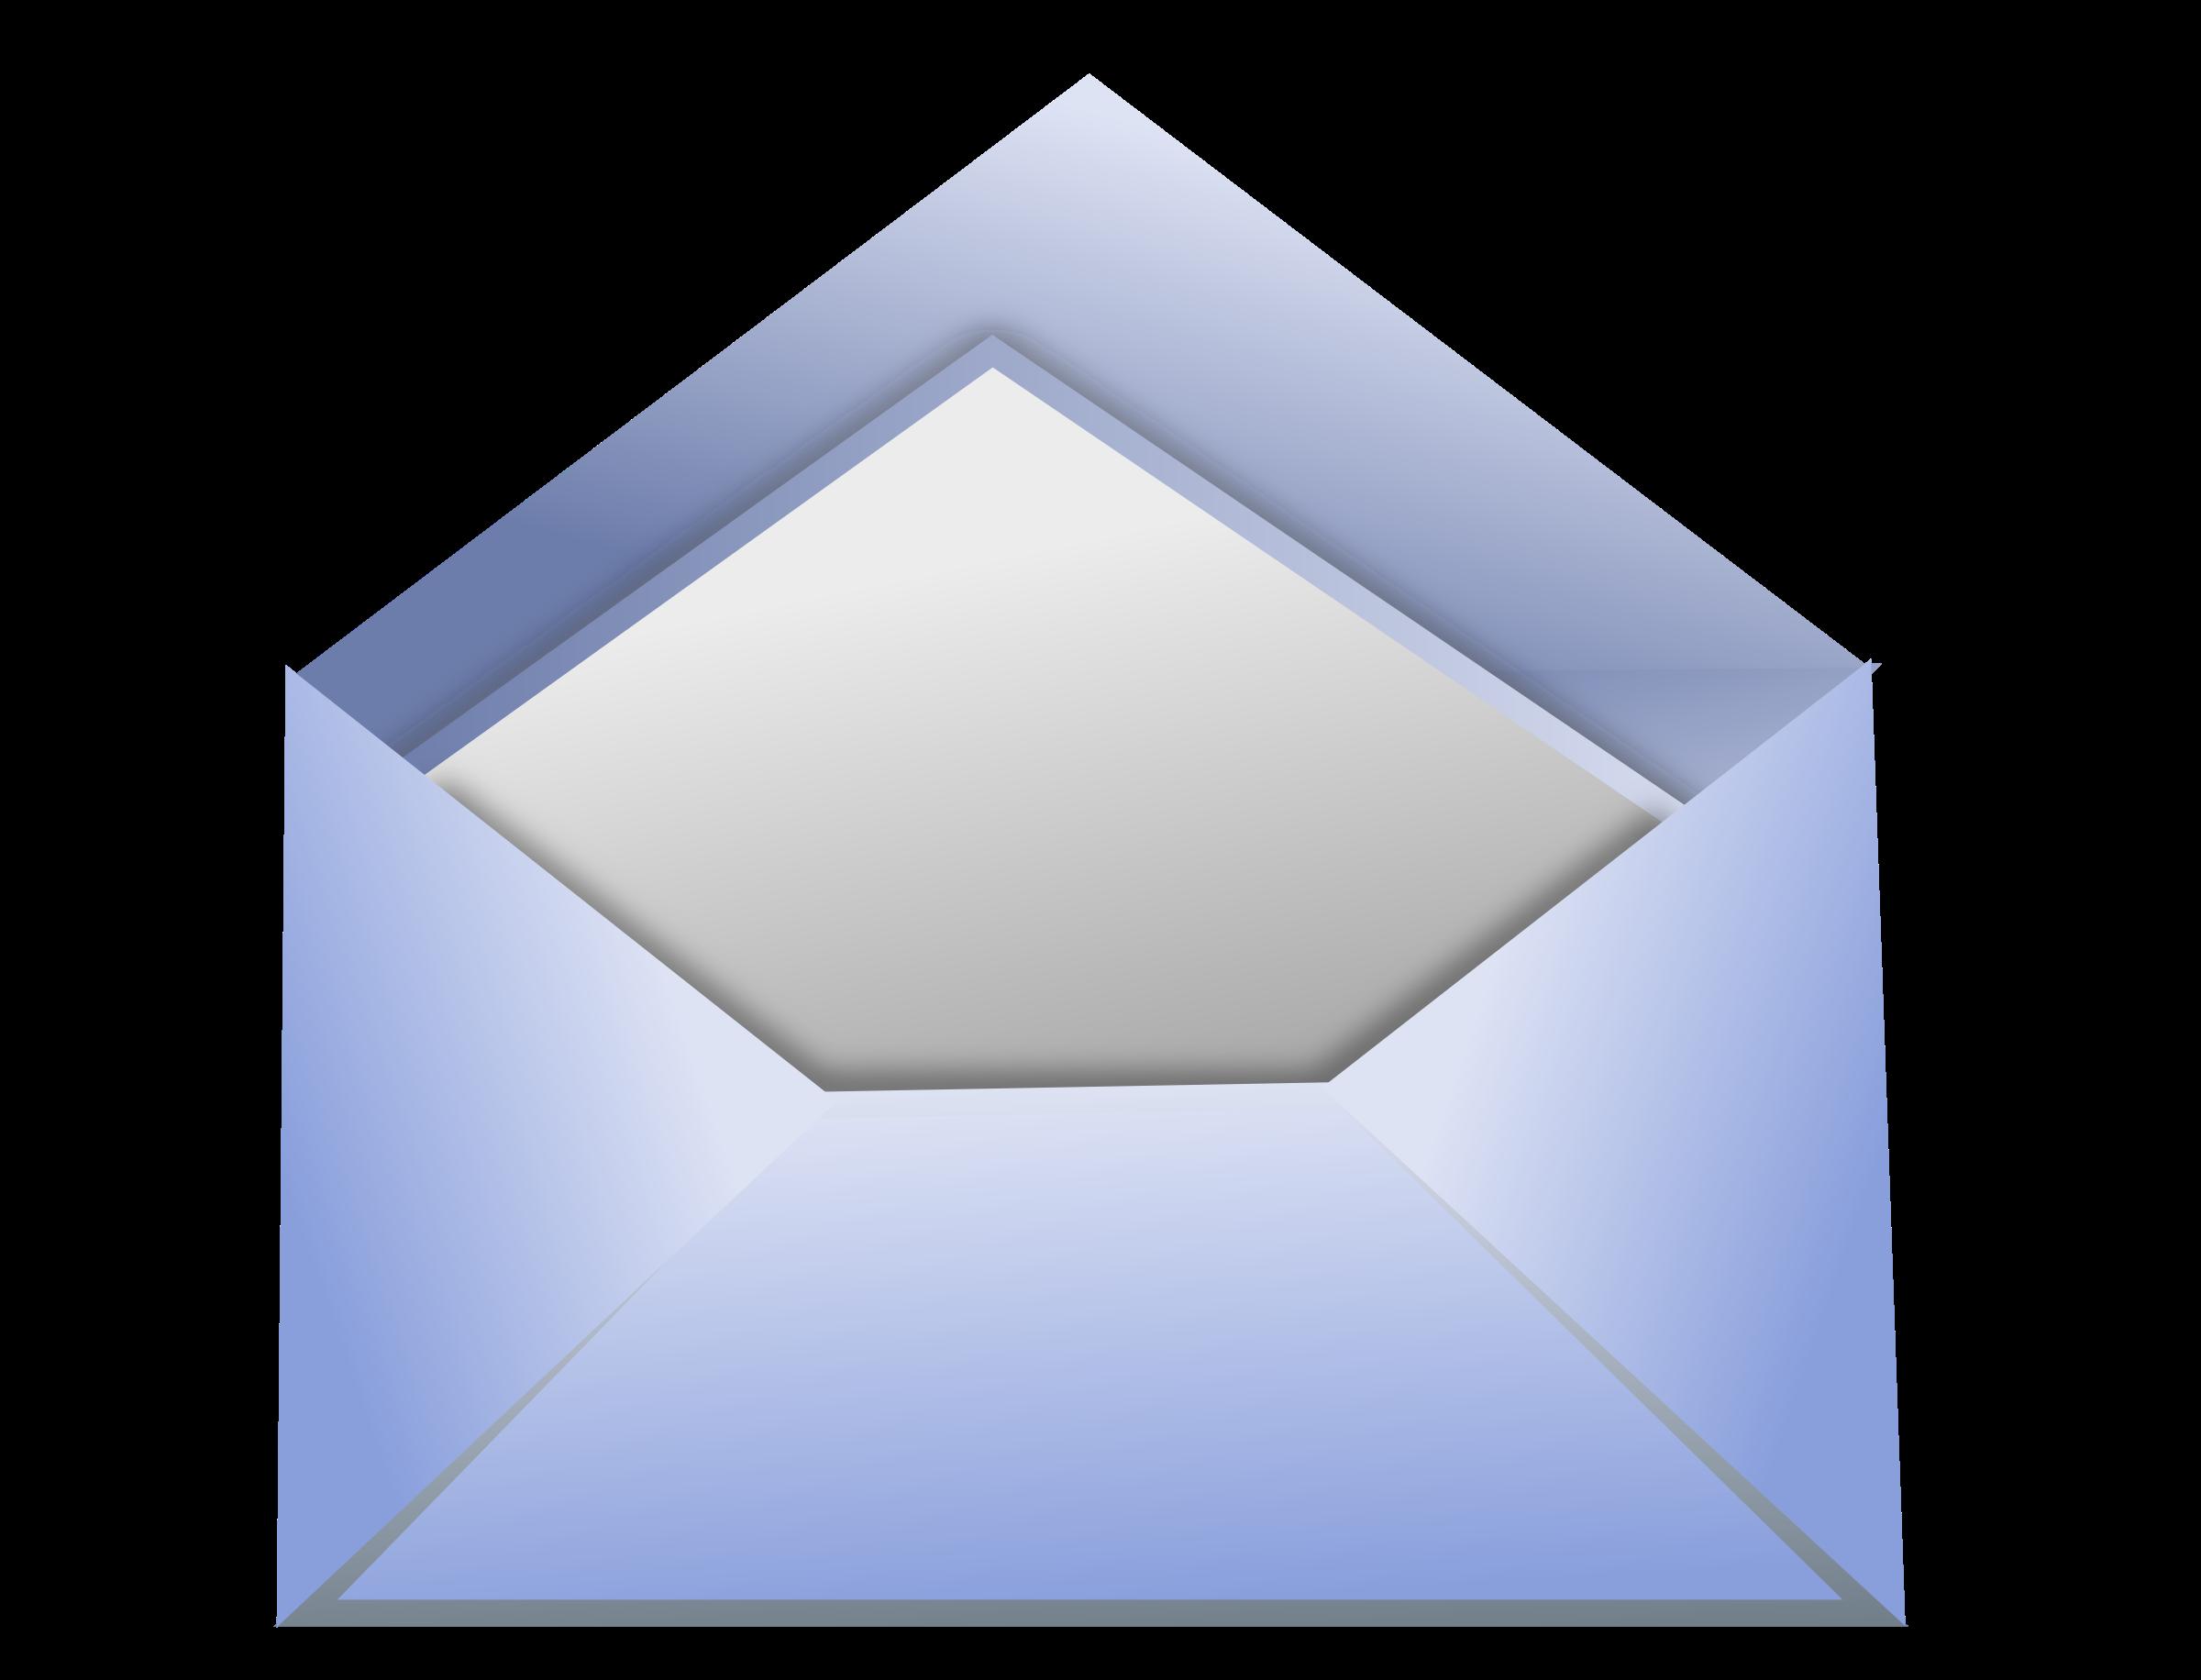 Big image png. Envelope clipart addressed envelope